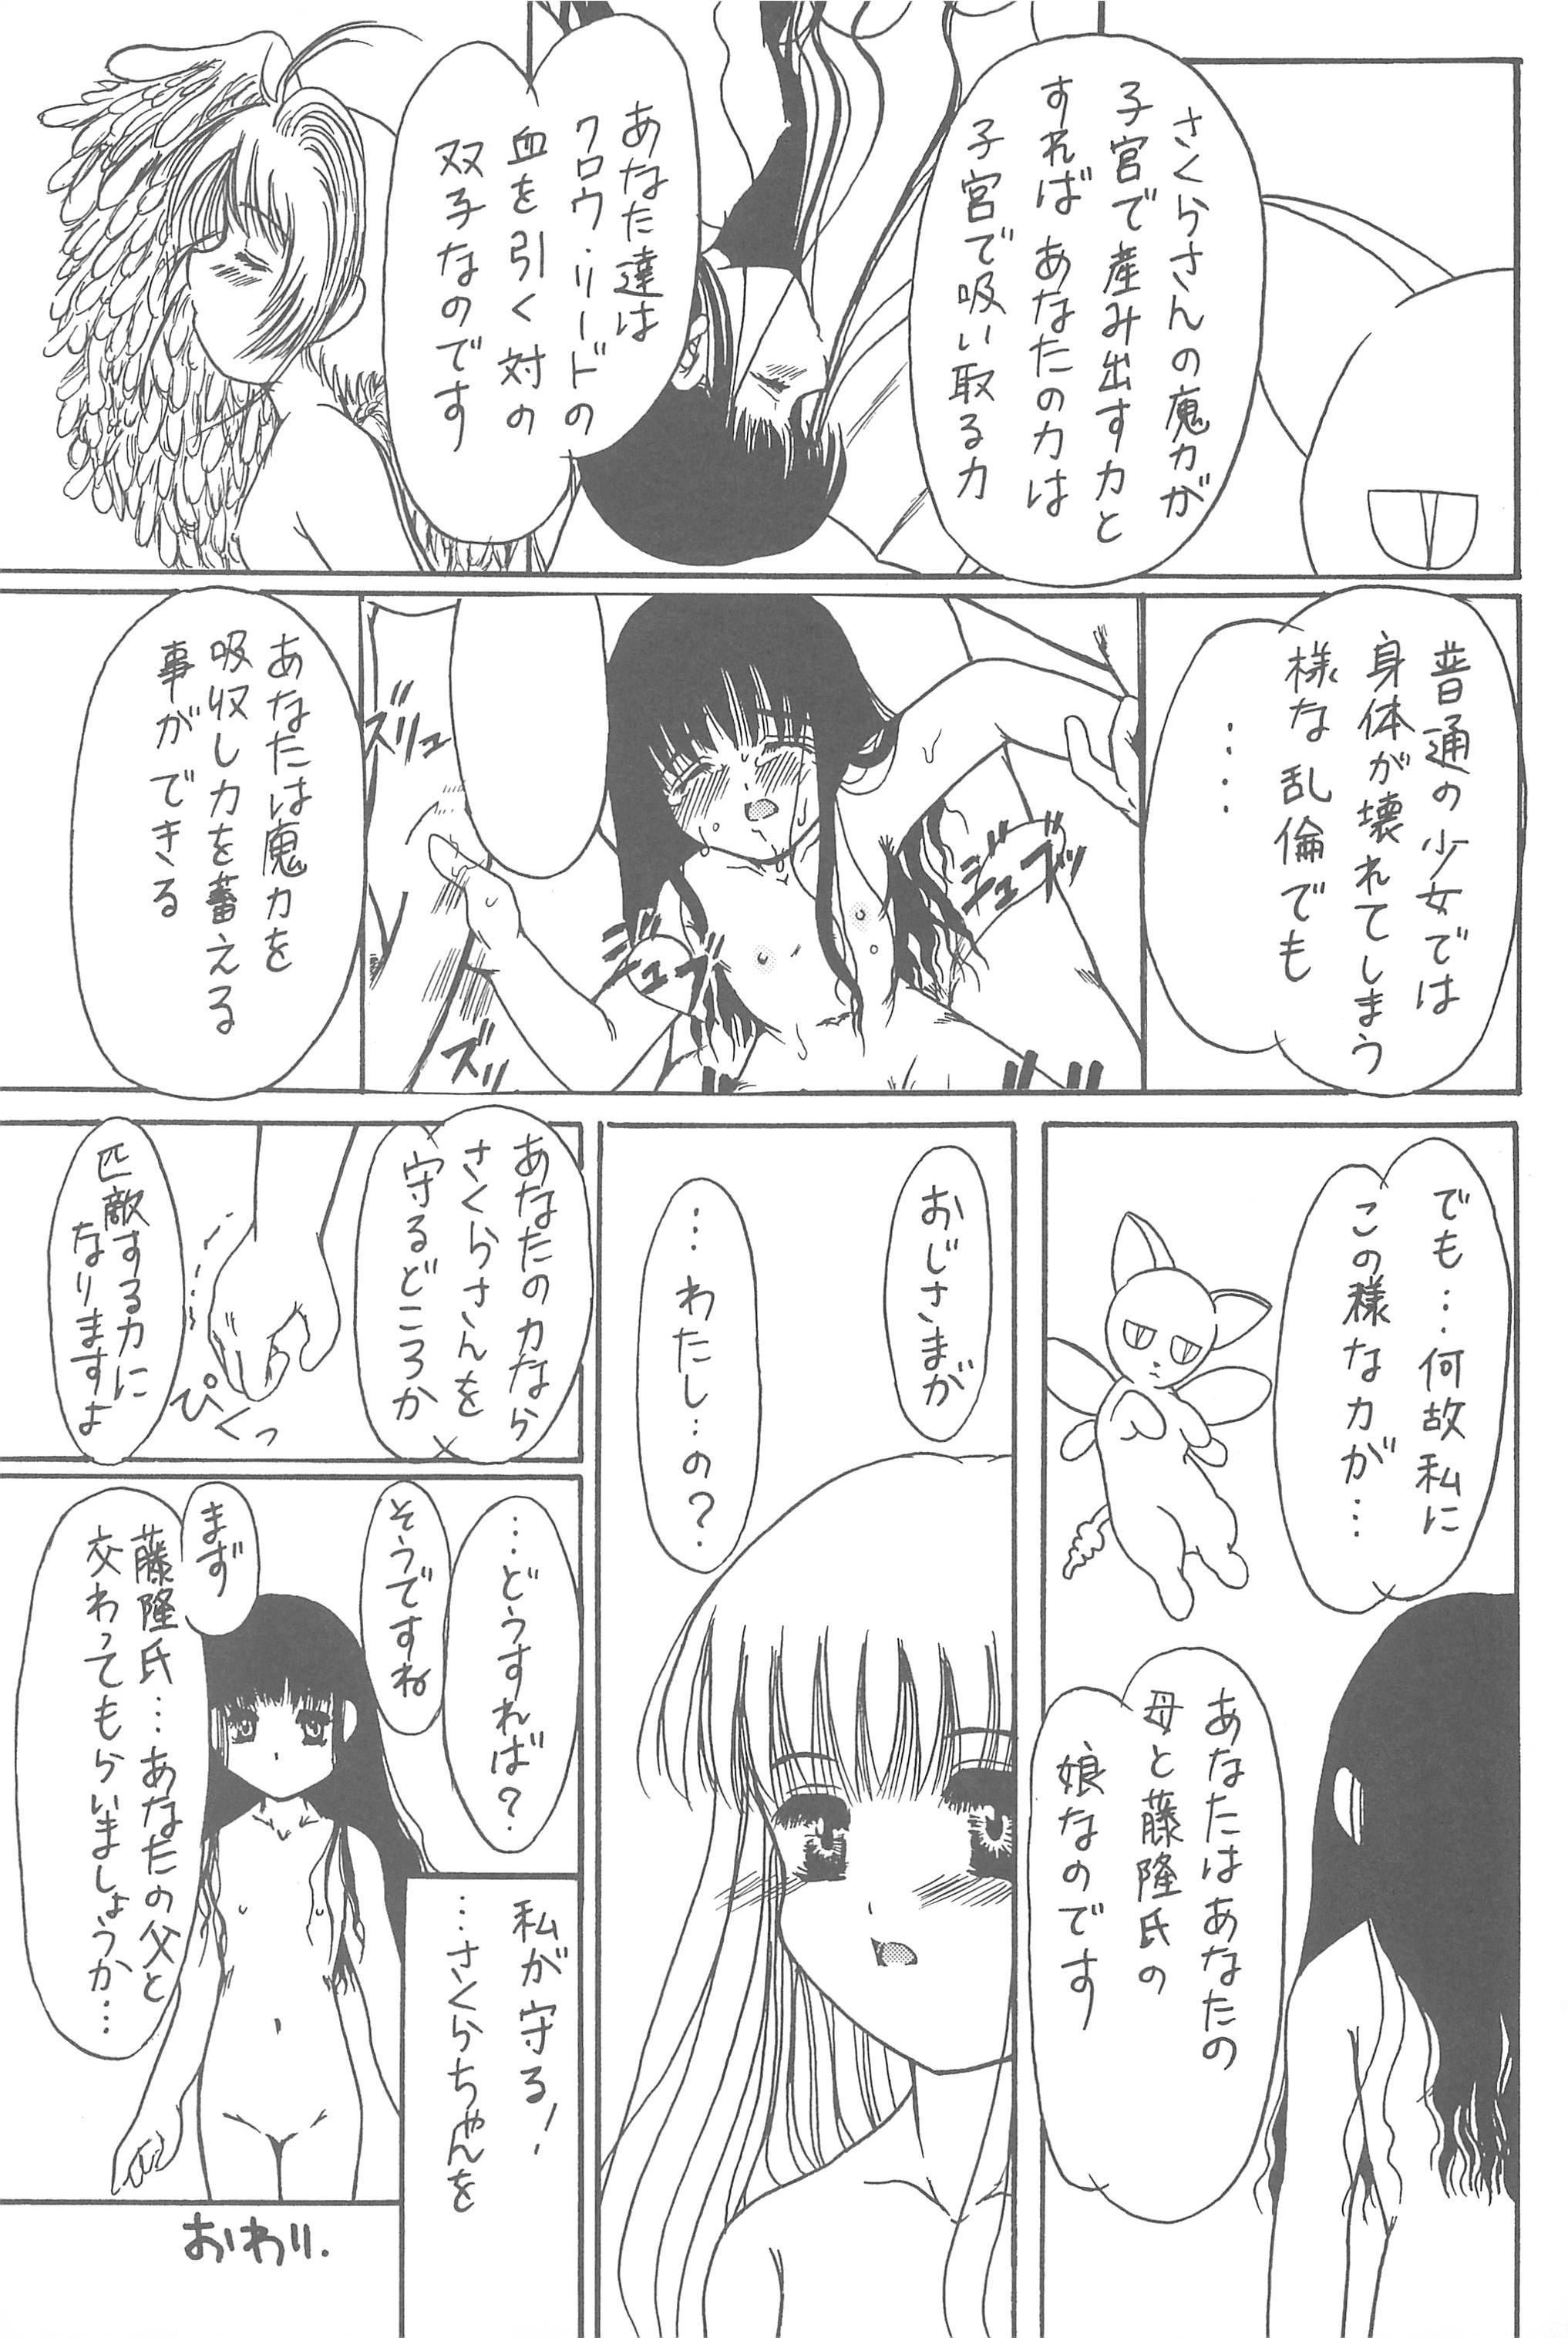 Sakura Iya ja nai mon 38